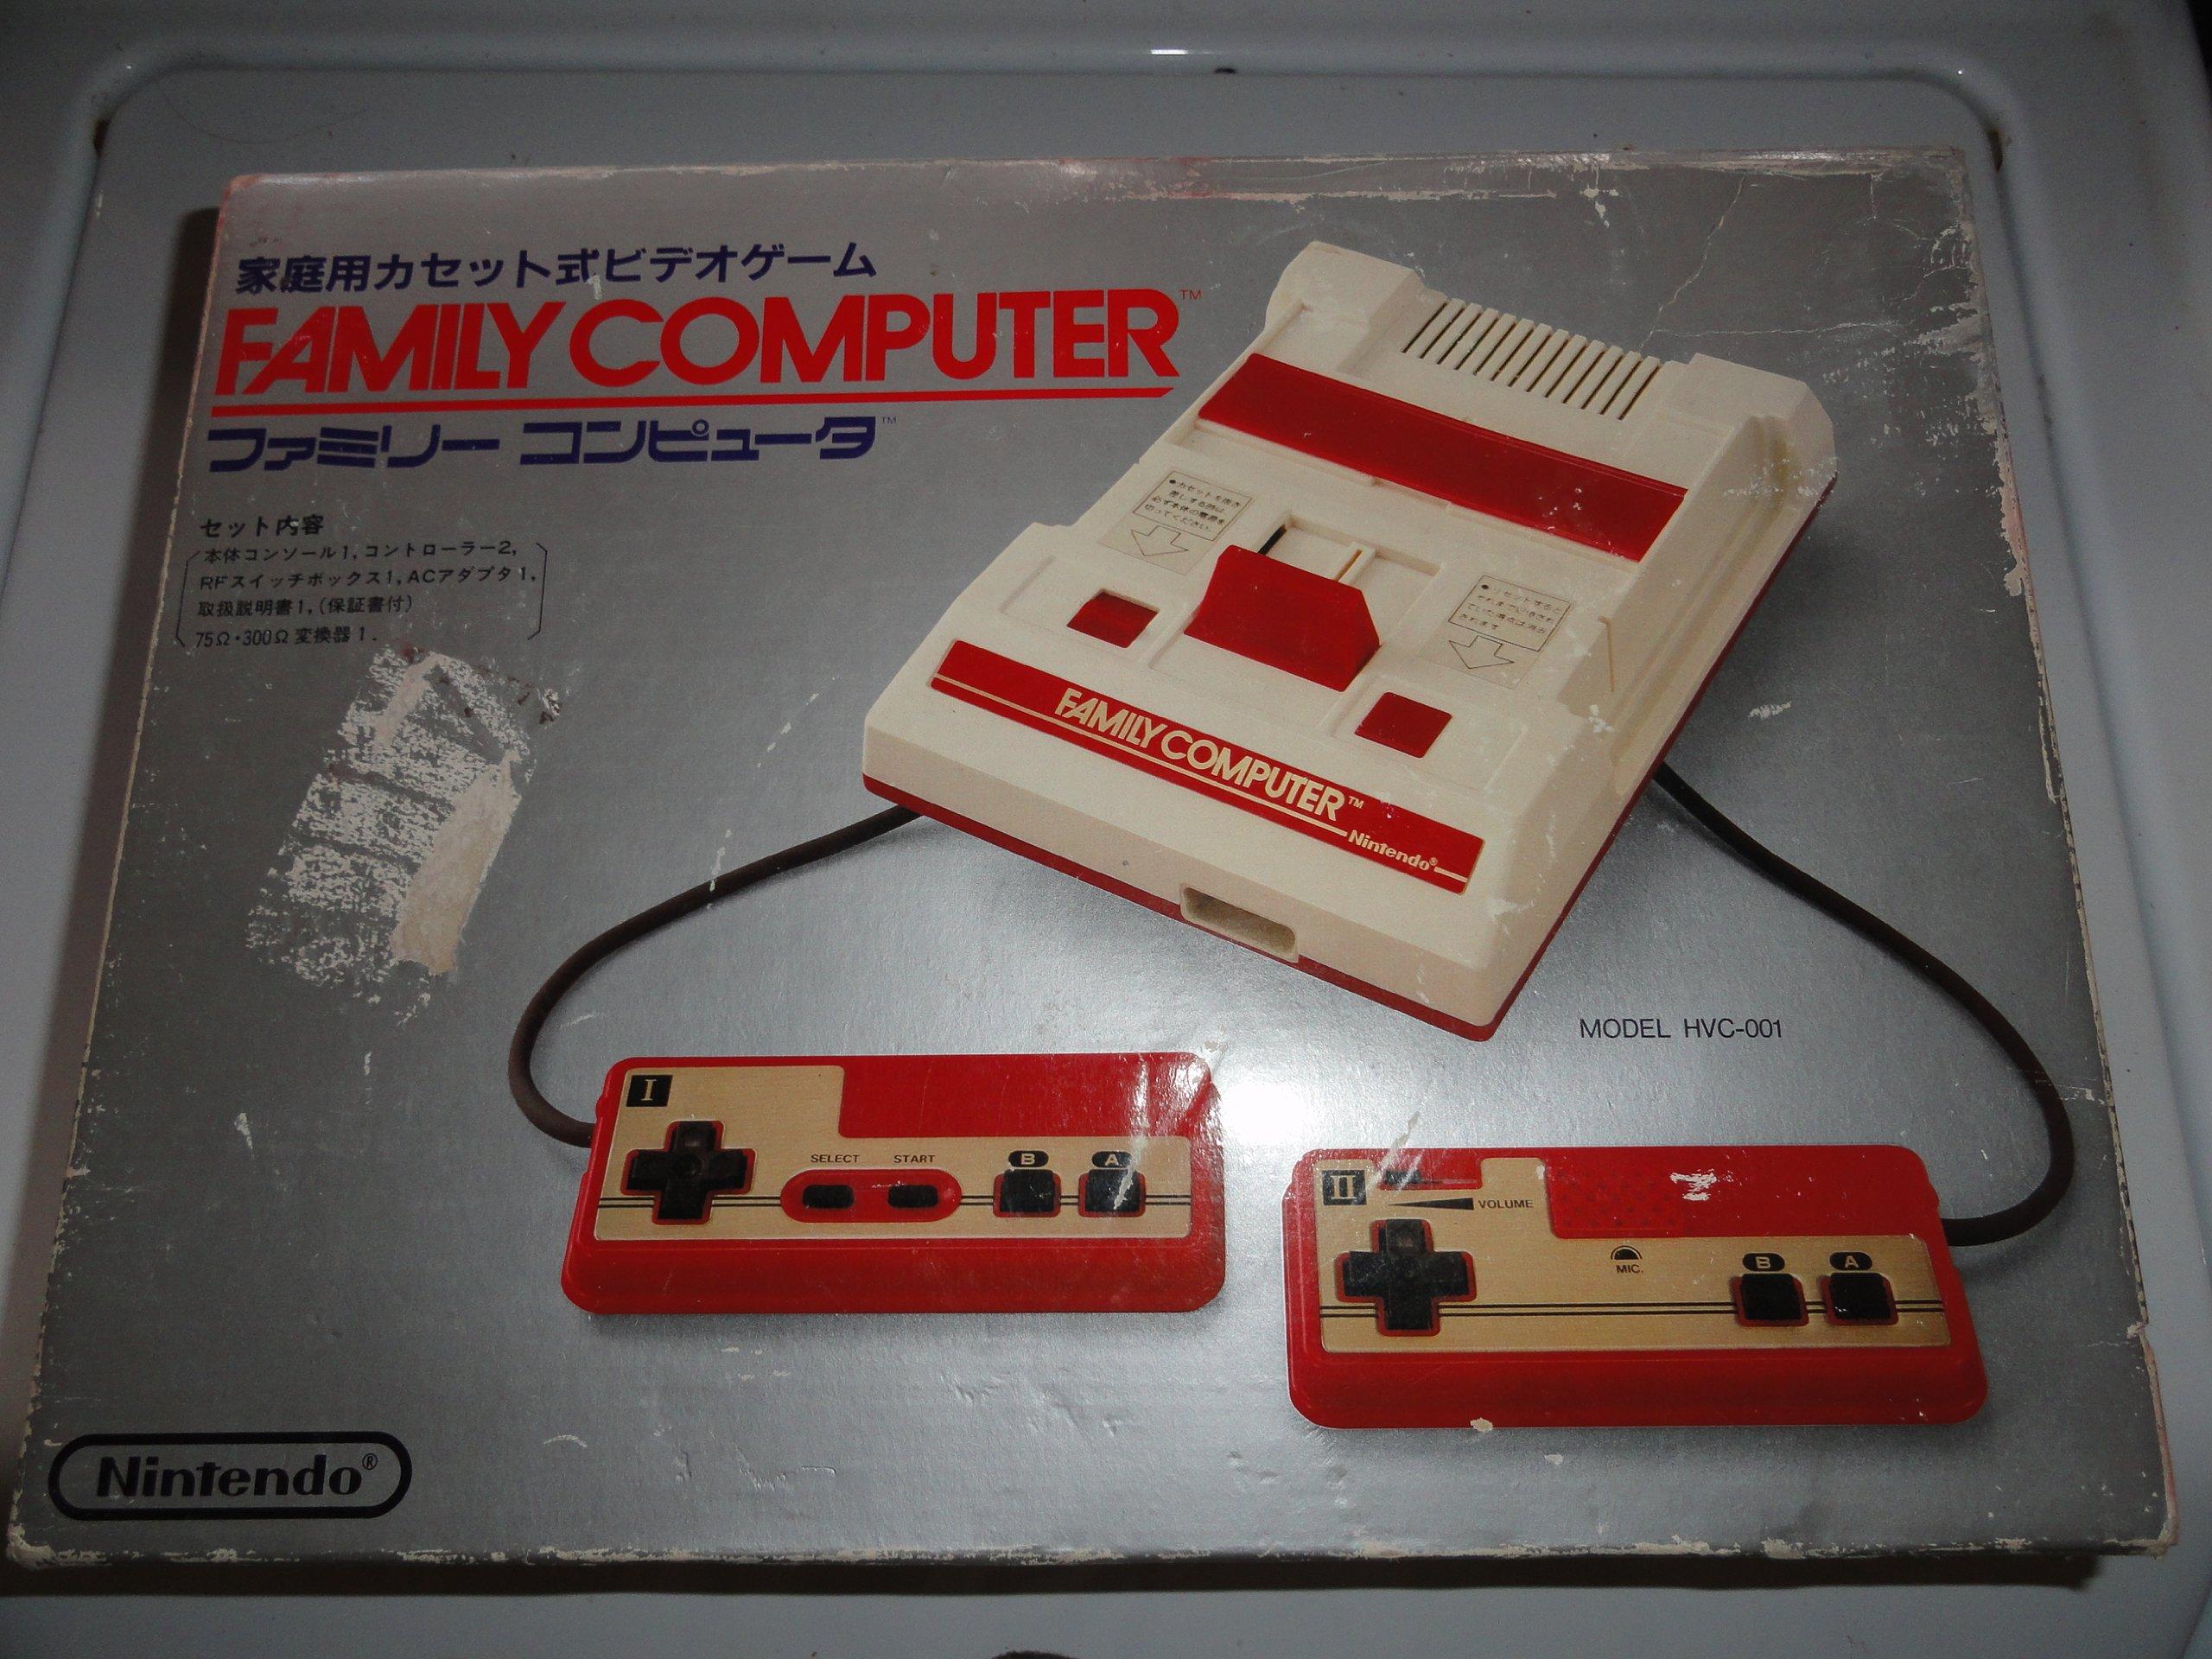 Nintendo Famicom (Family Computer System), Original 1983 Japanese Console by Nintendo (Image #2)